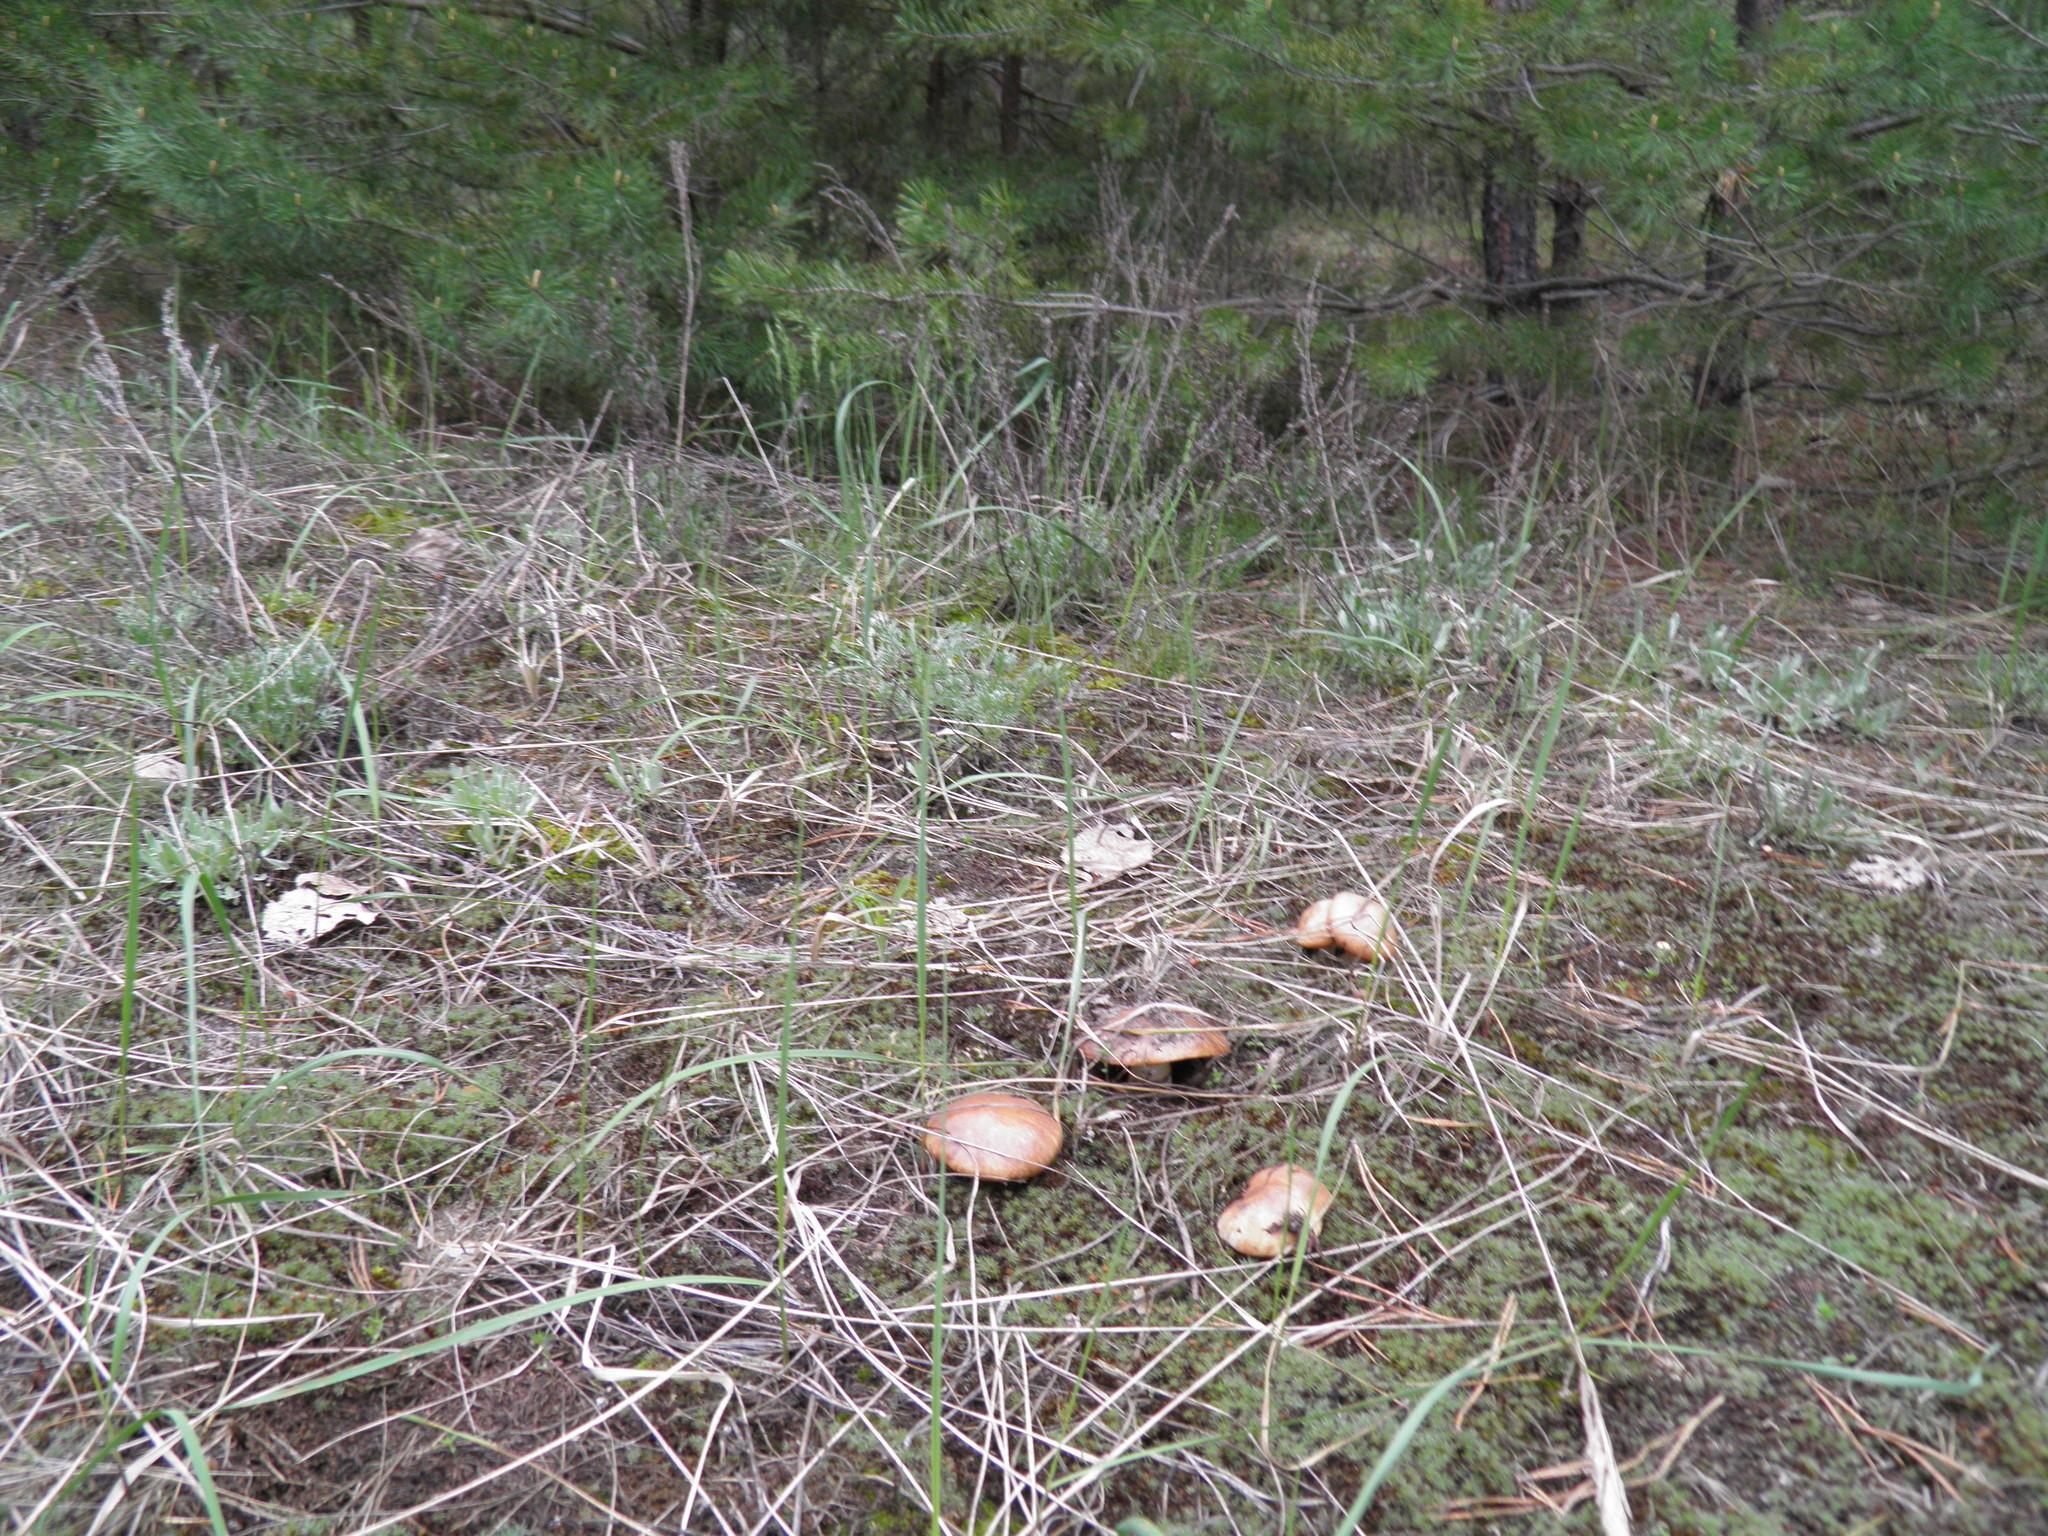 покажу вам съедобные грибы центрального черноземья с фото зависимости ракурса